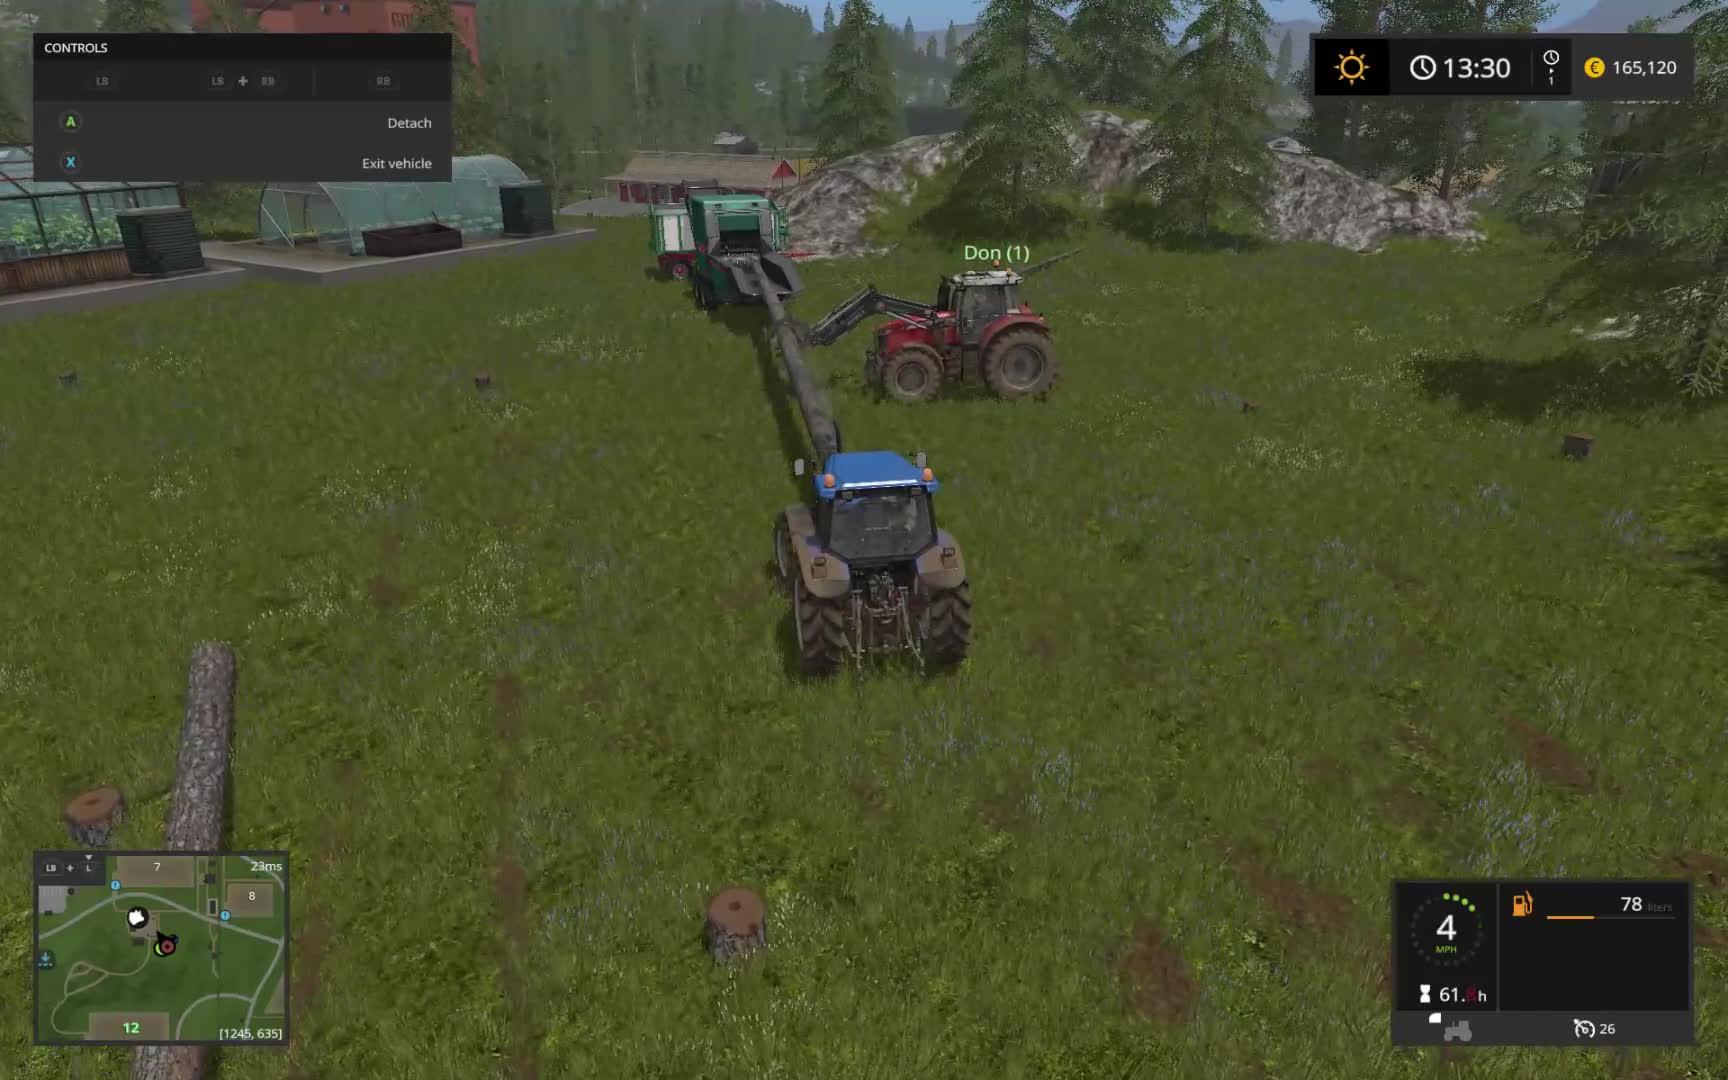 farmingsimulator, Power logging on a budget GIFs